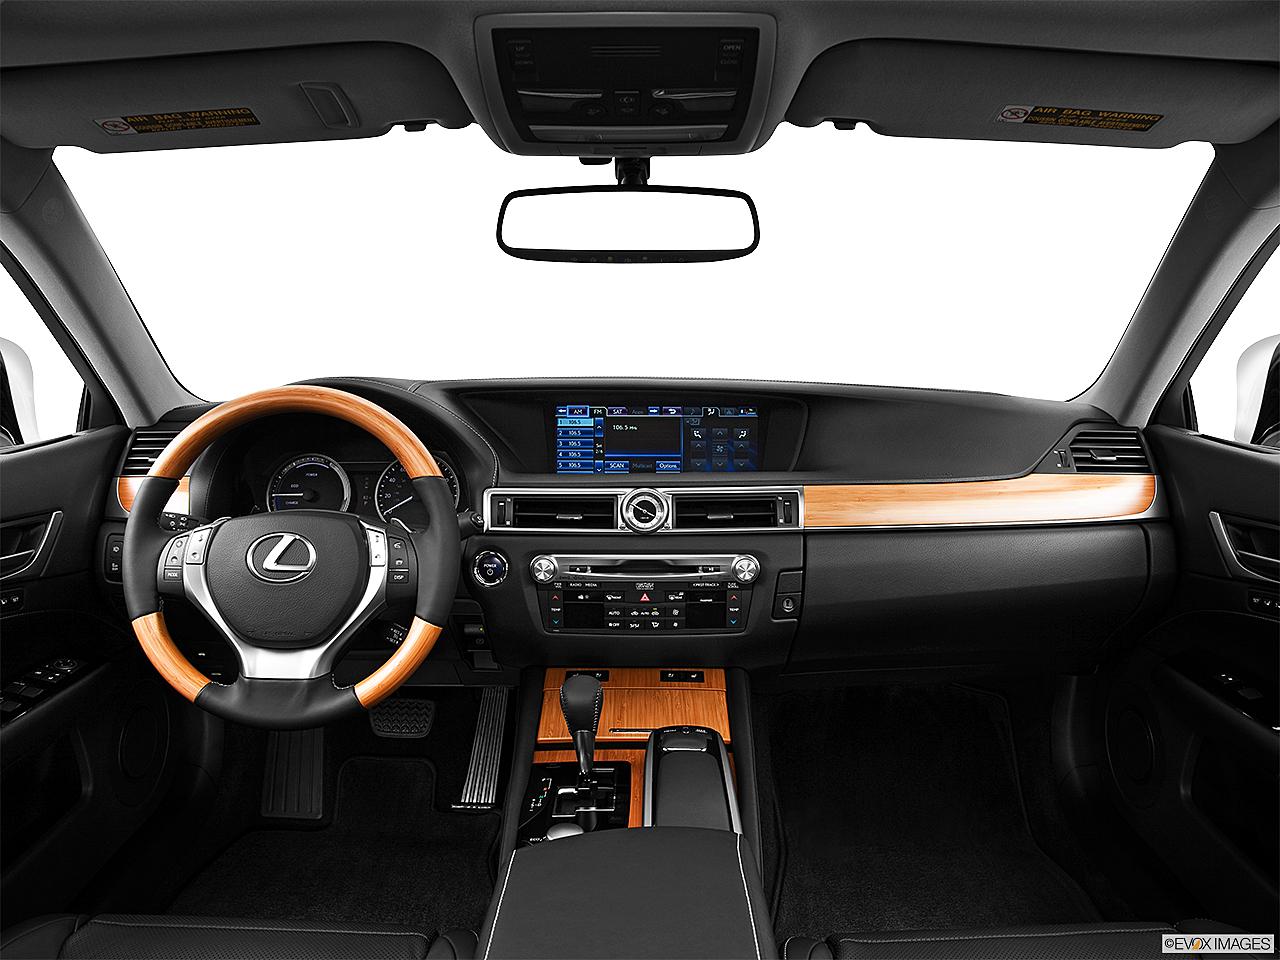 https://www.groovecar.com/media/stock/images/stills/2013/lexus/gs-450h/4dr-sedan/2013-lexus-gs-450h-4dr-sedan-059-large.jpg